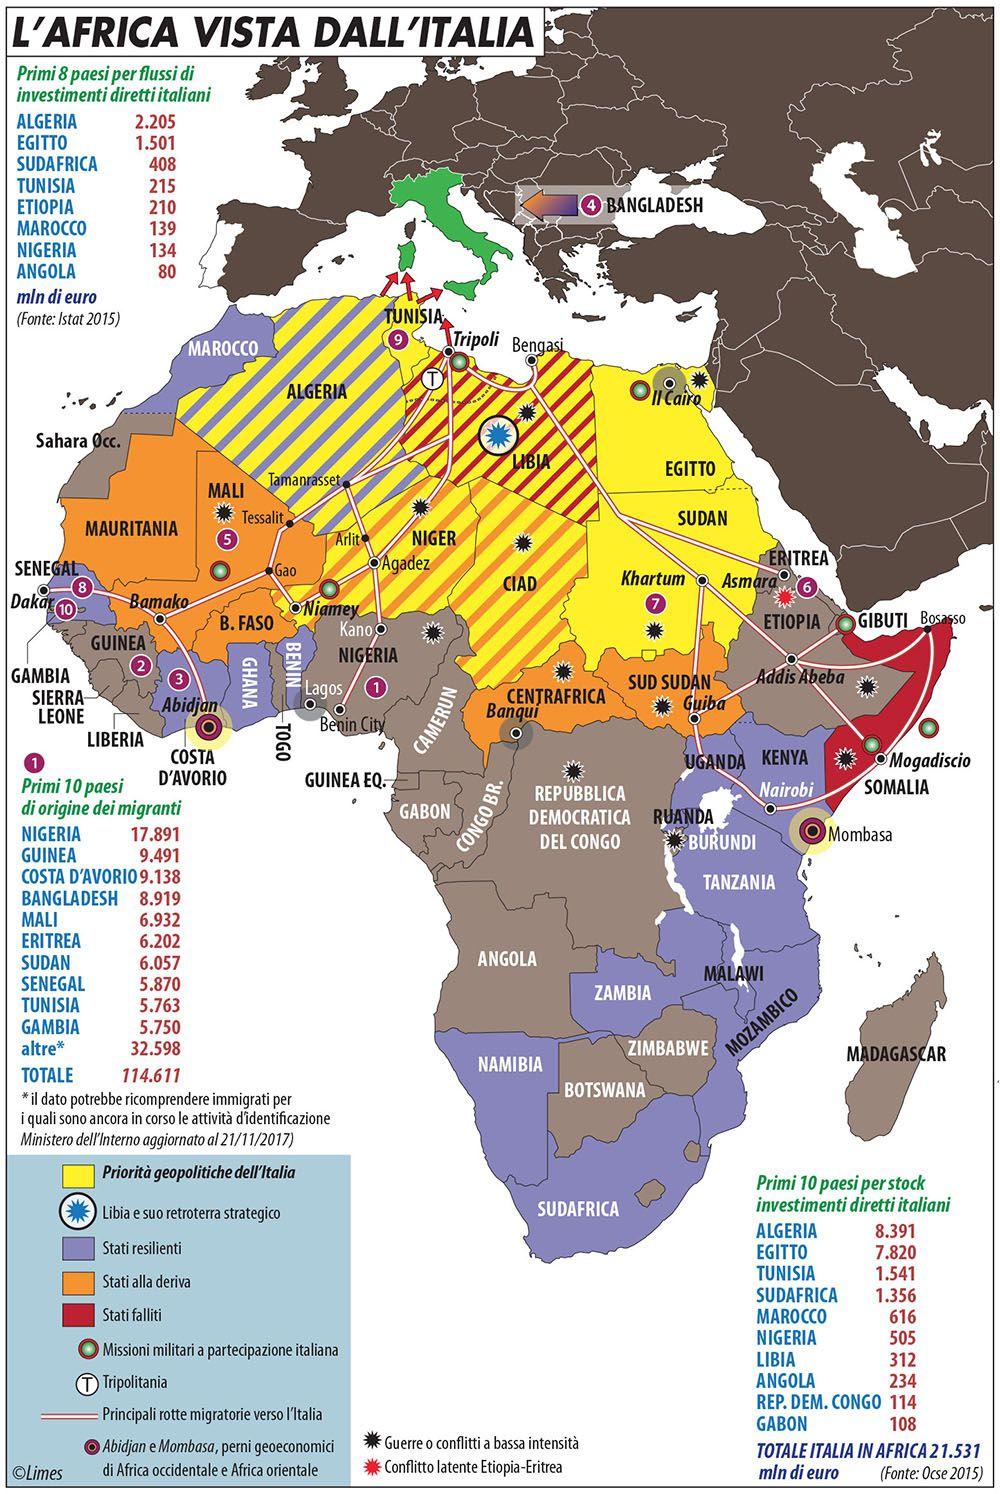 Africa_vista_dall'Italia_11/17